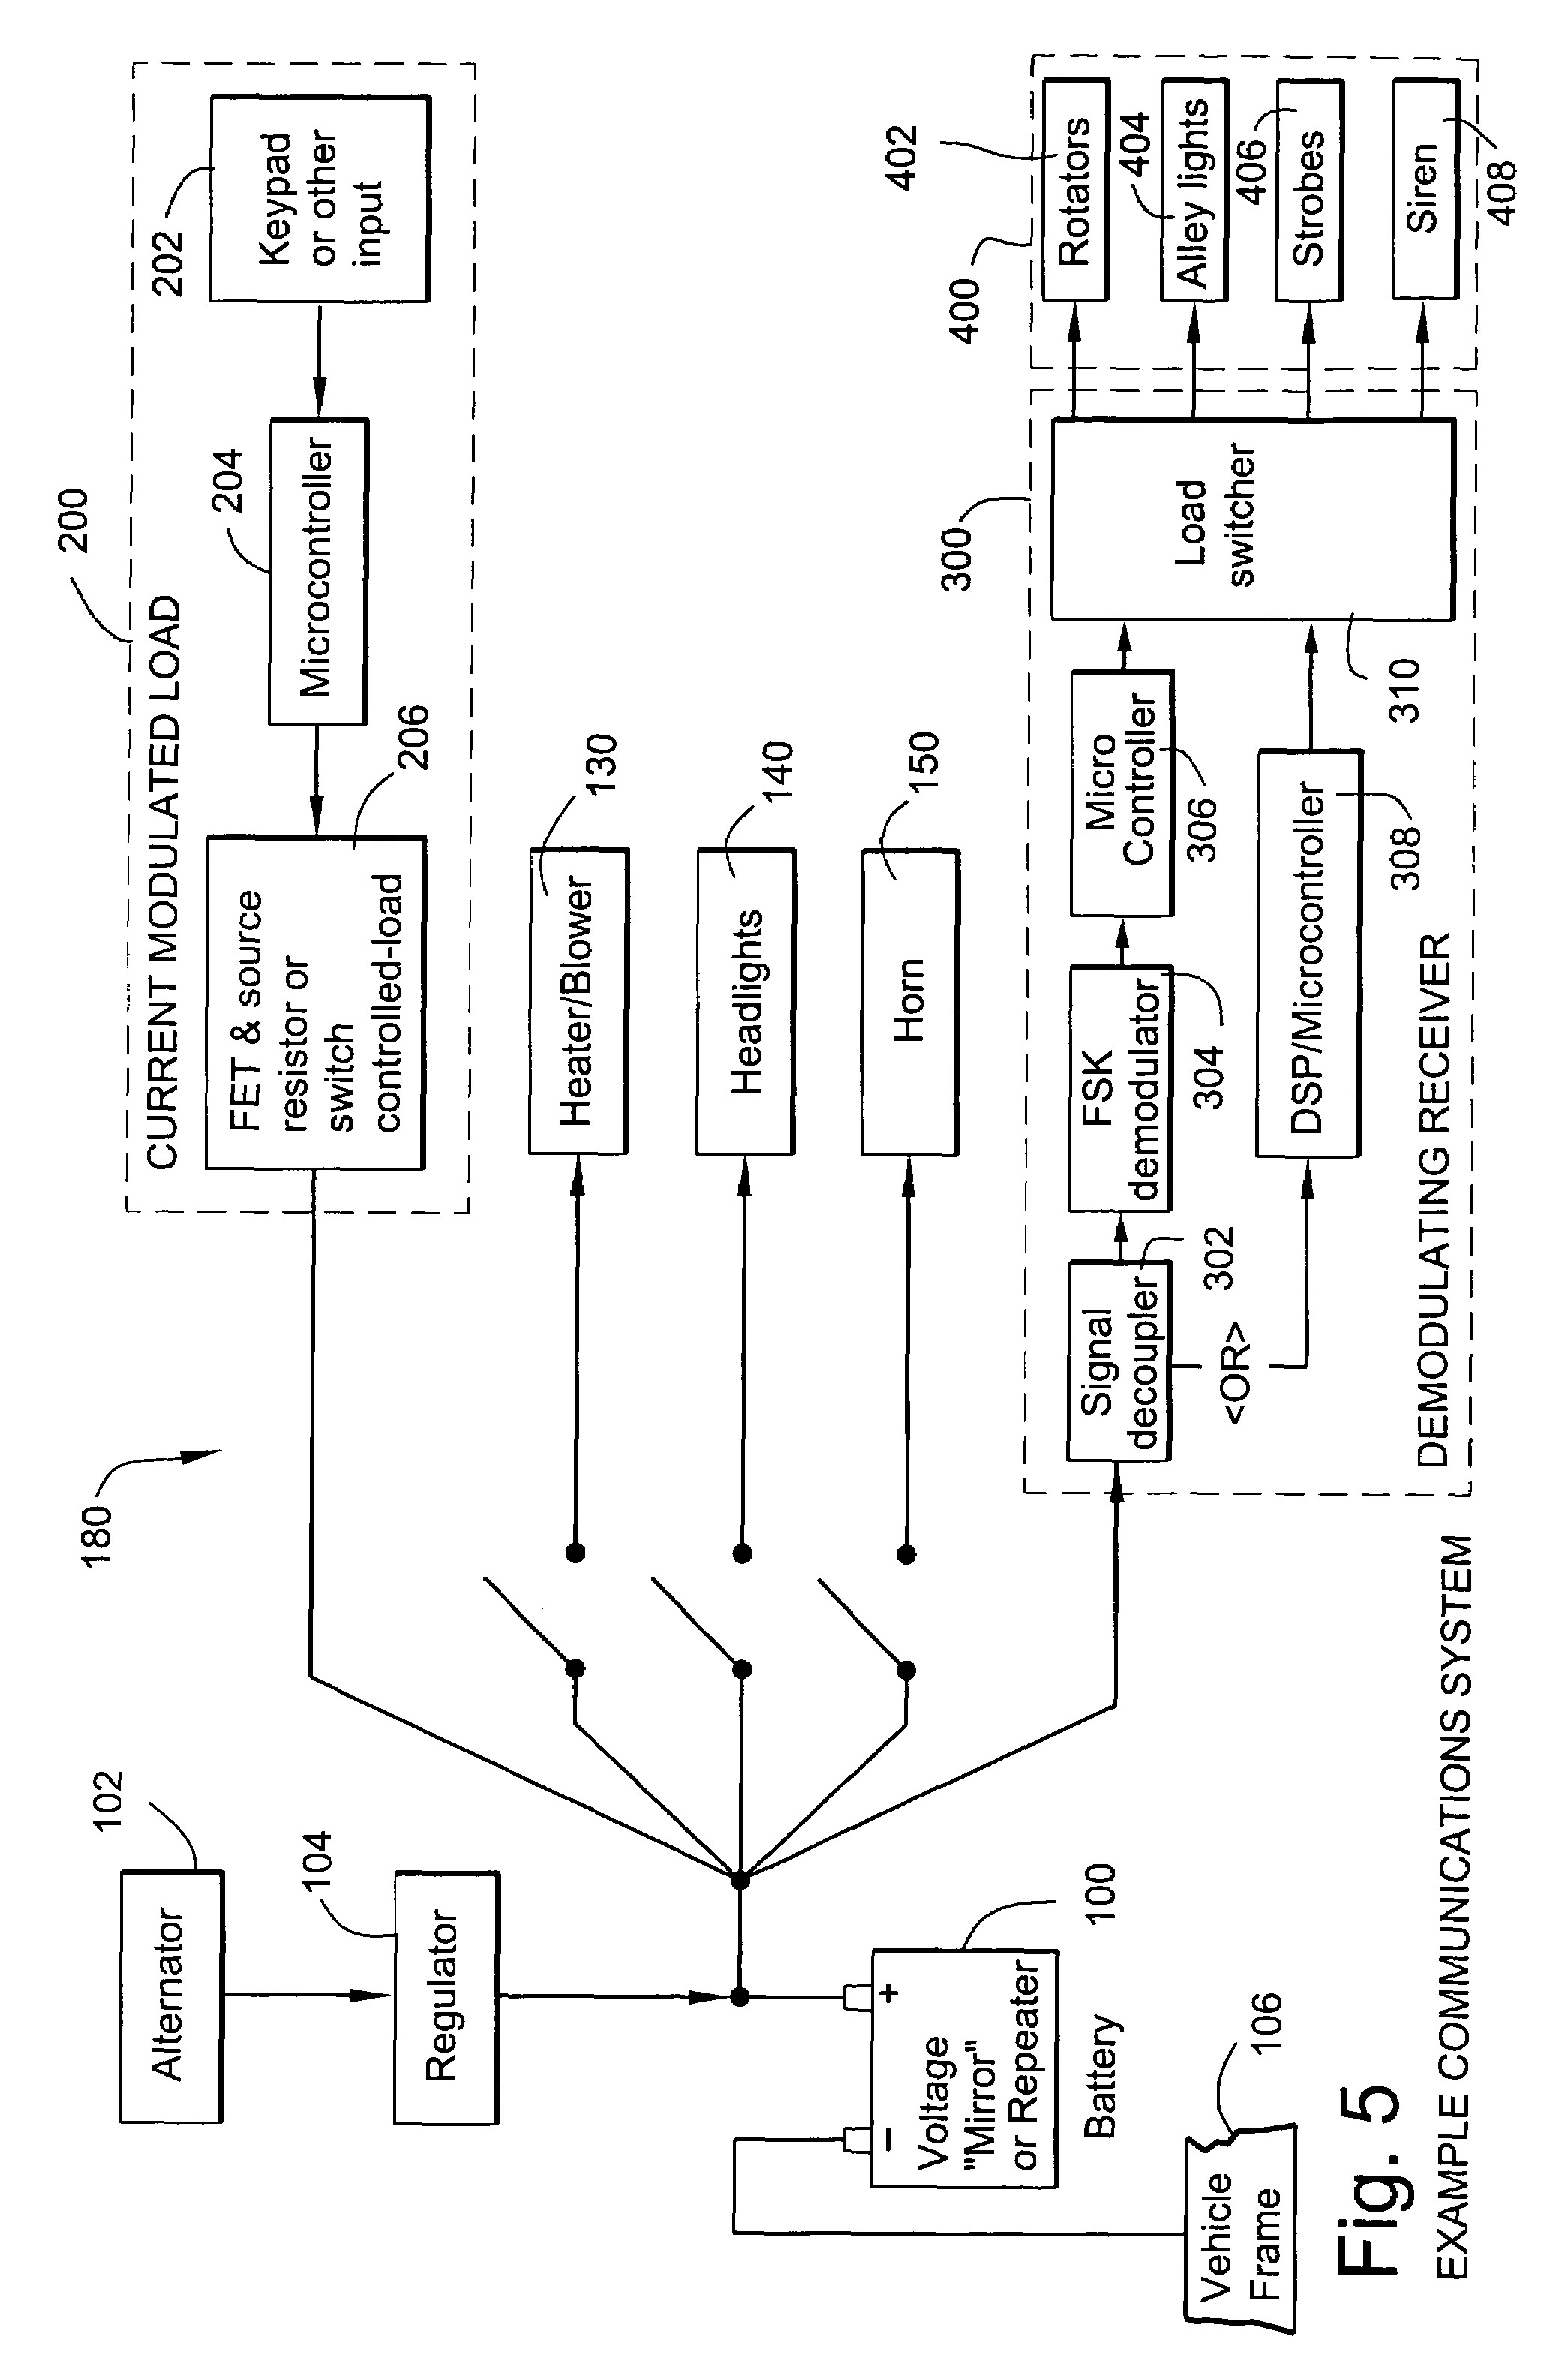 Whelen Led Light Bar Wiring Diagram Truck Edge 9004 Schematic Books Of On